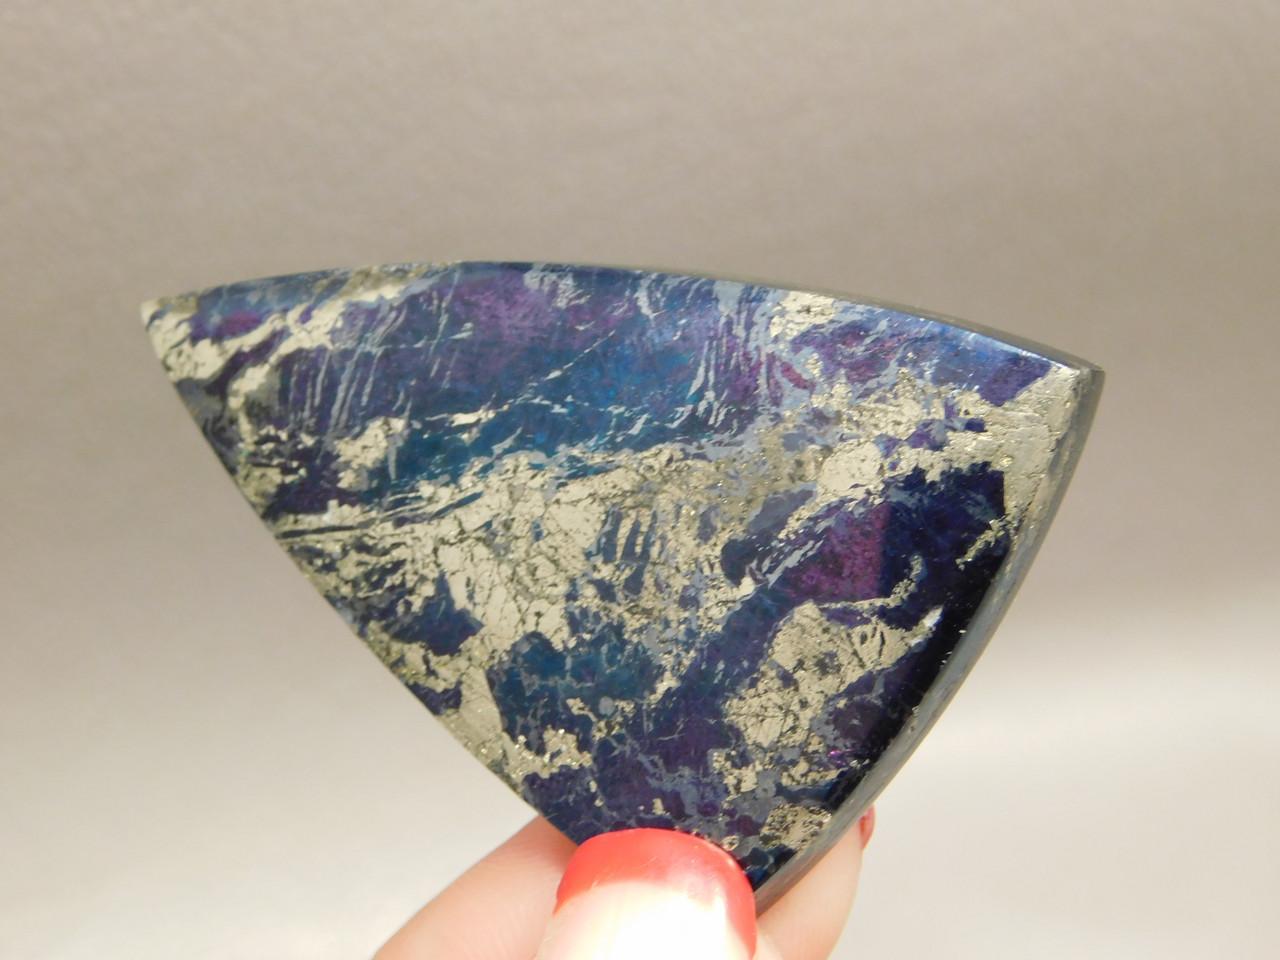 Covellite Cabochon Metallic Blue Large Triangle Semi Precious Stone #8